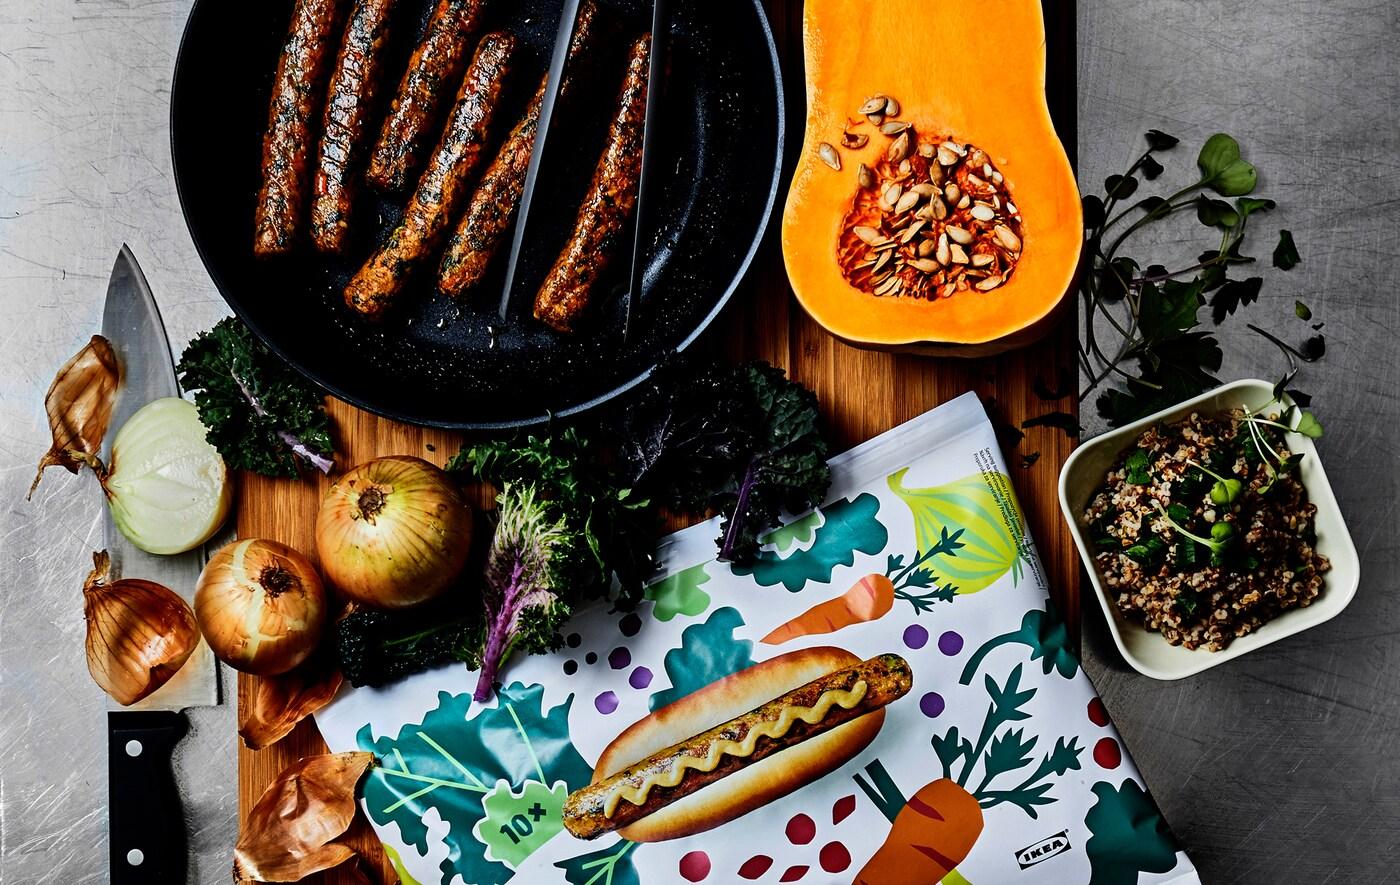 Párky na pánvičce, zelenina a hot dog na prkénku